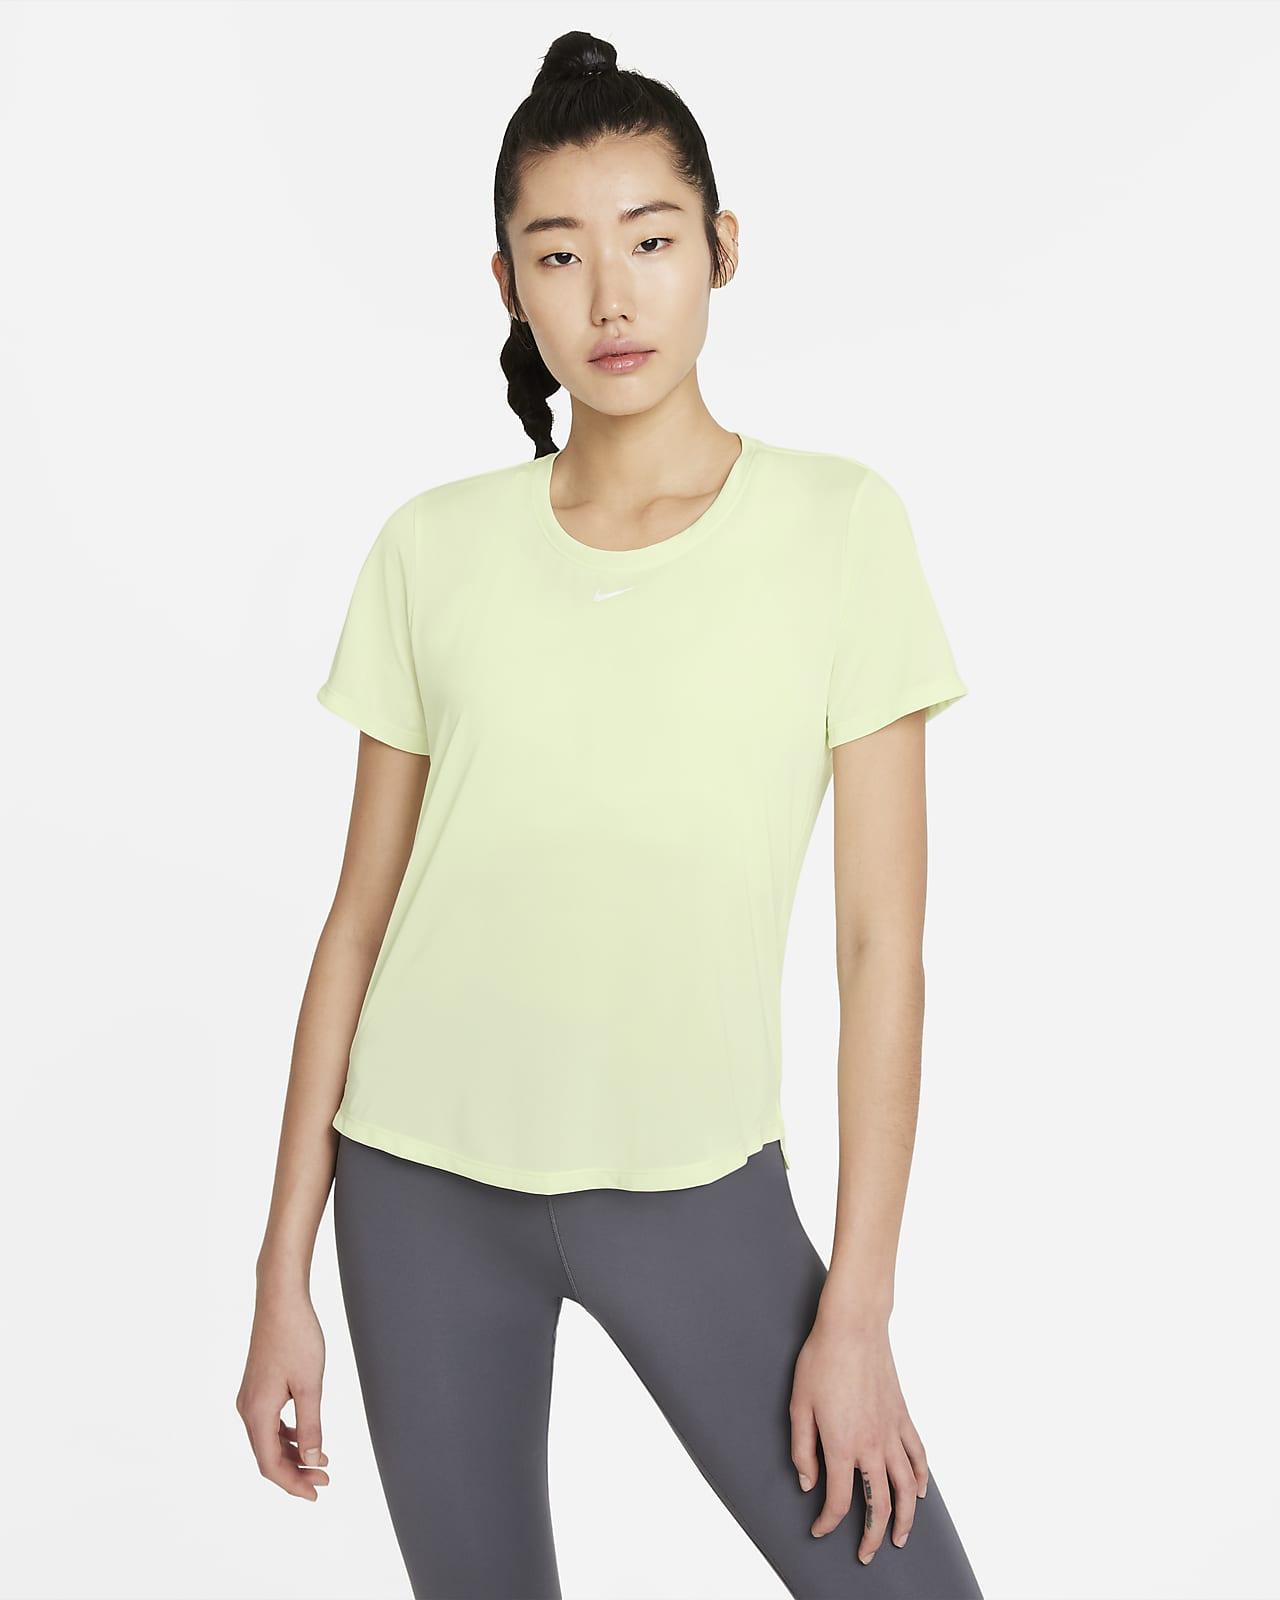 เสื้อยืดแขนสั้นทรงมาตรฐานผู้หญิง Nike Dri-FIT One